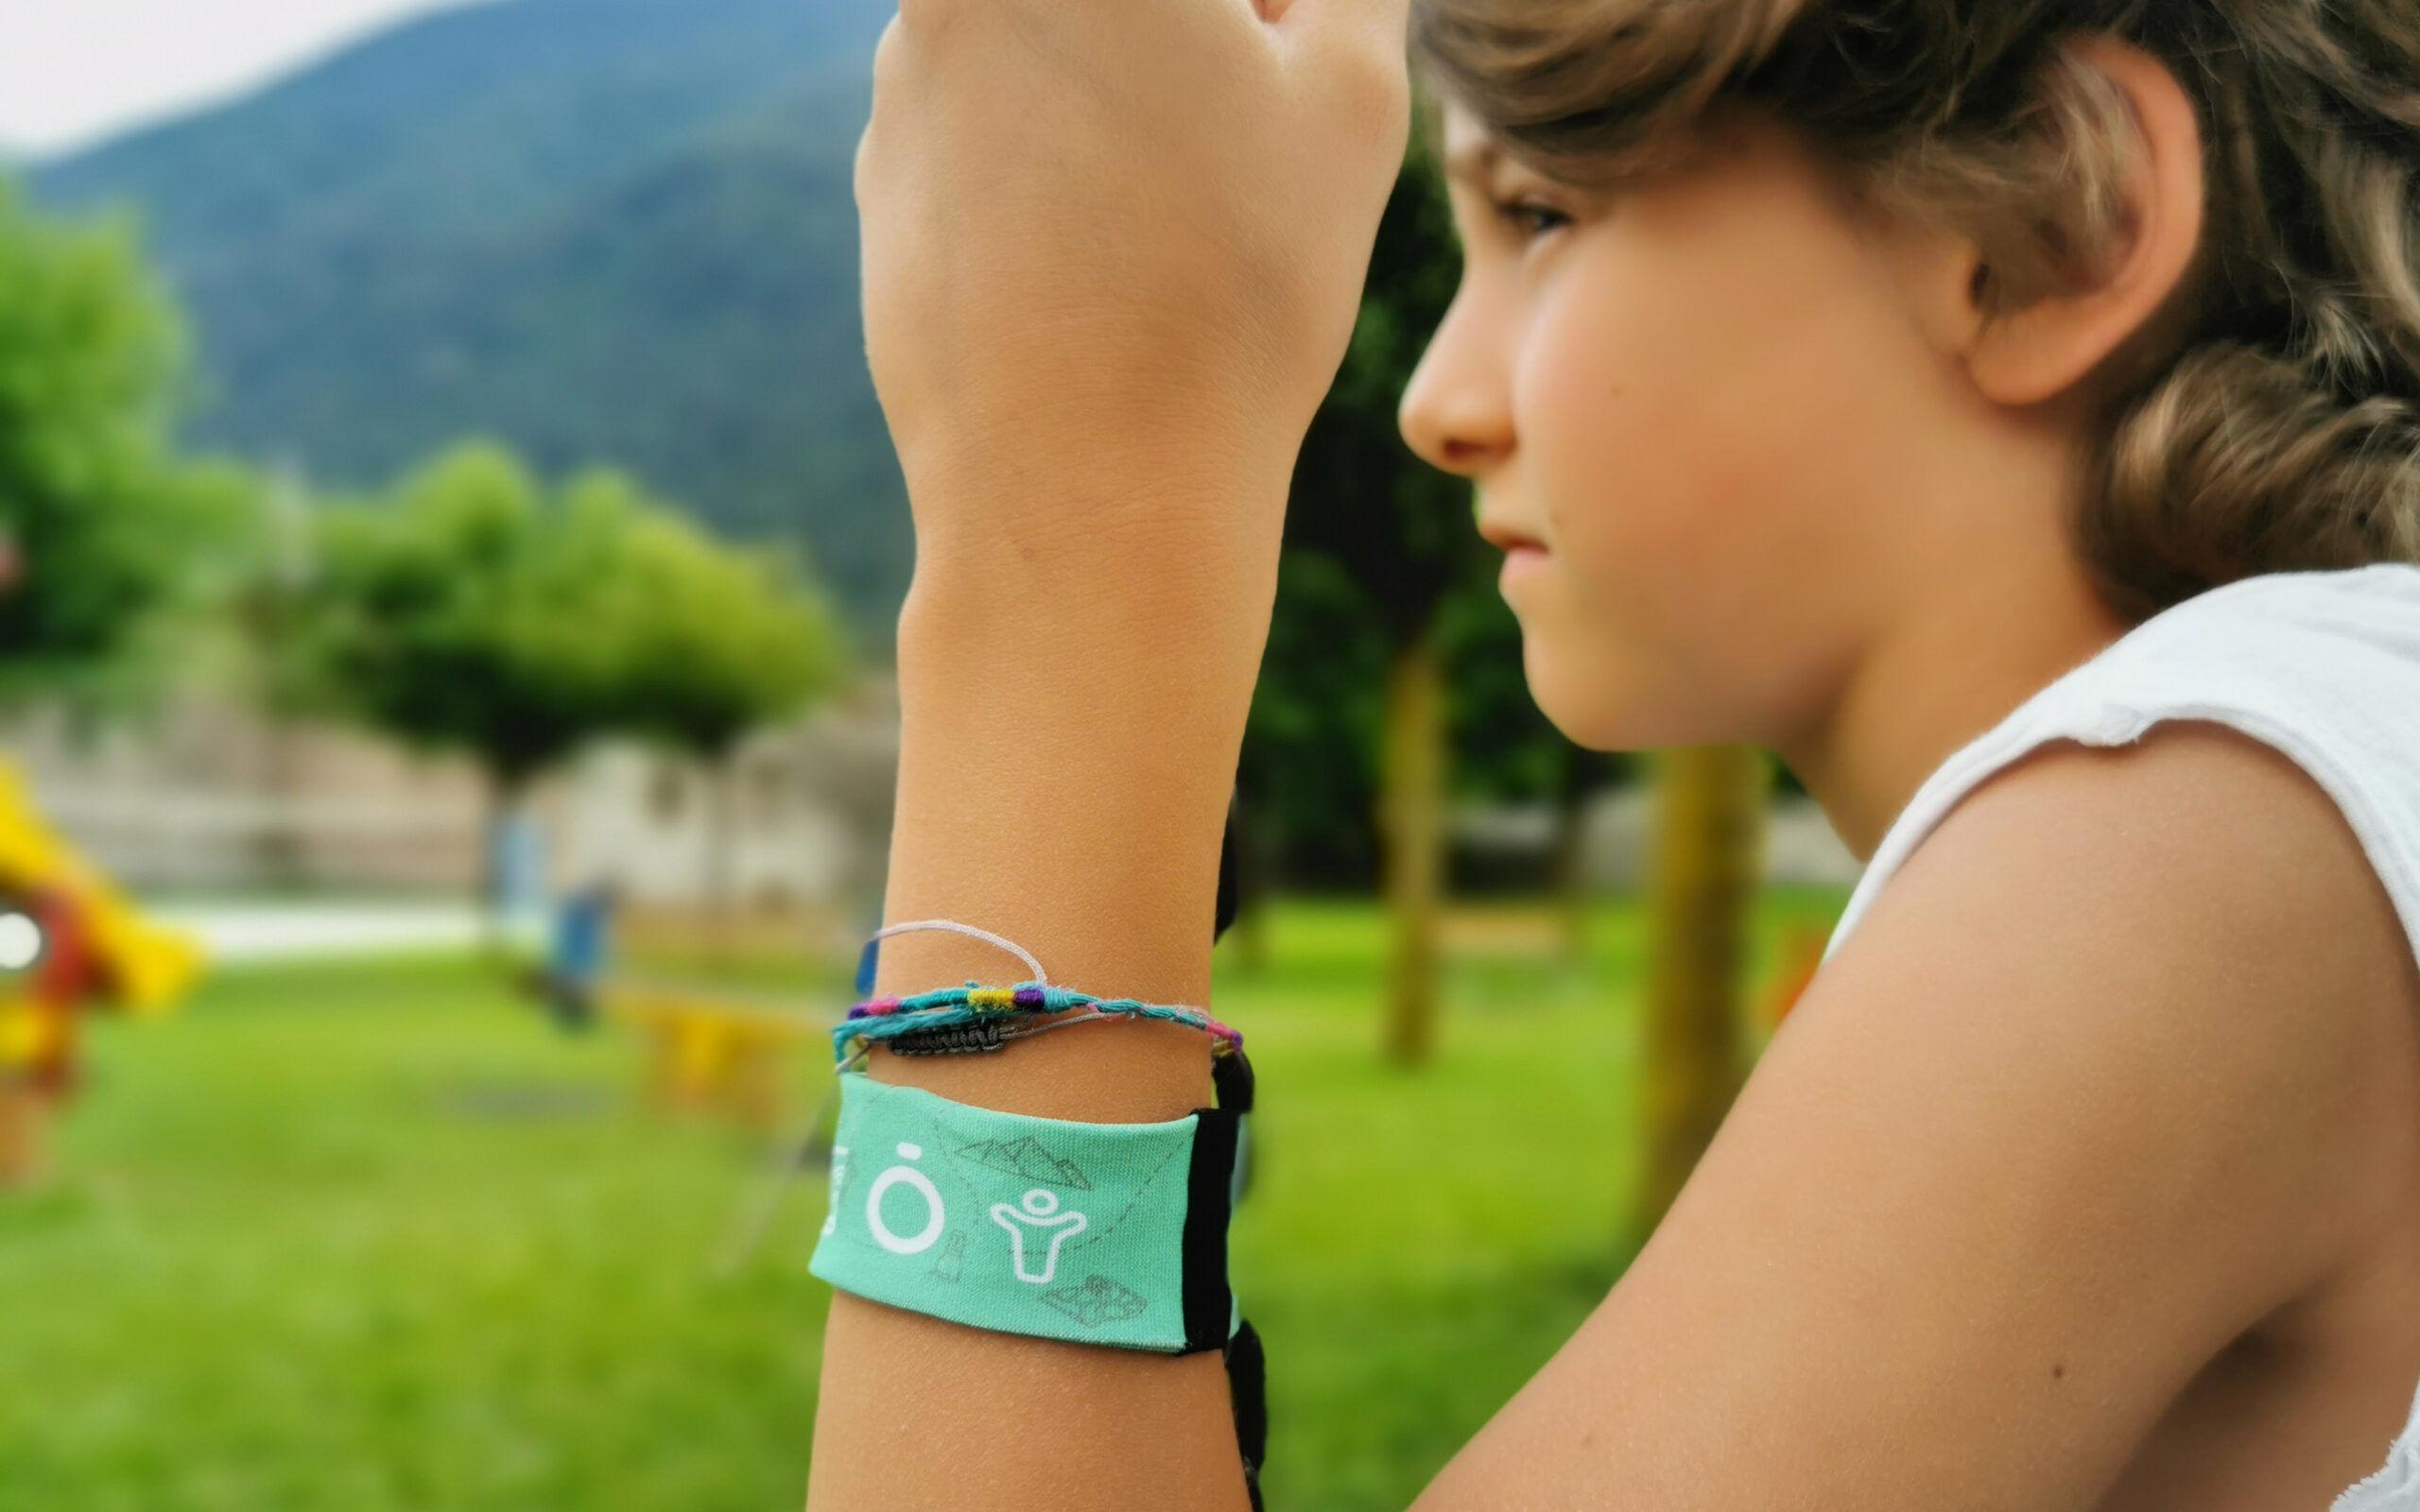 Semiperdo versione Traveller è il prodotto ideale per proteggere i bambini in vacanza thumbnail